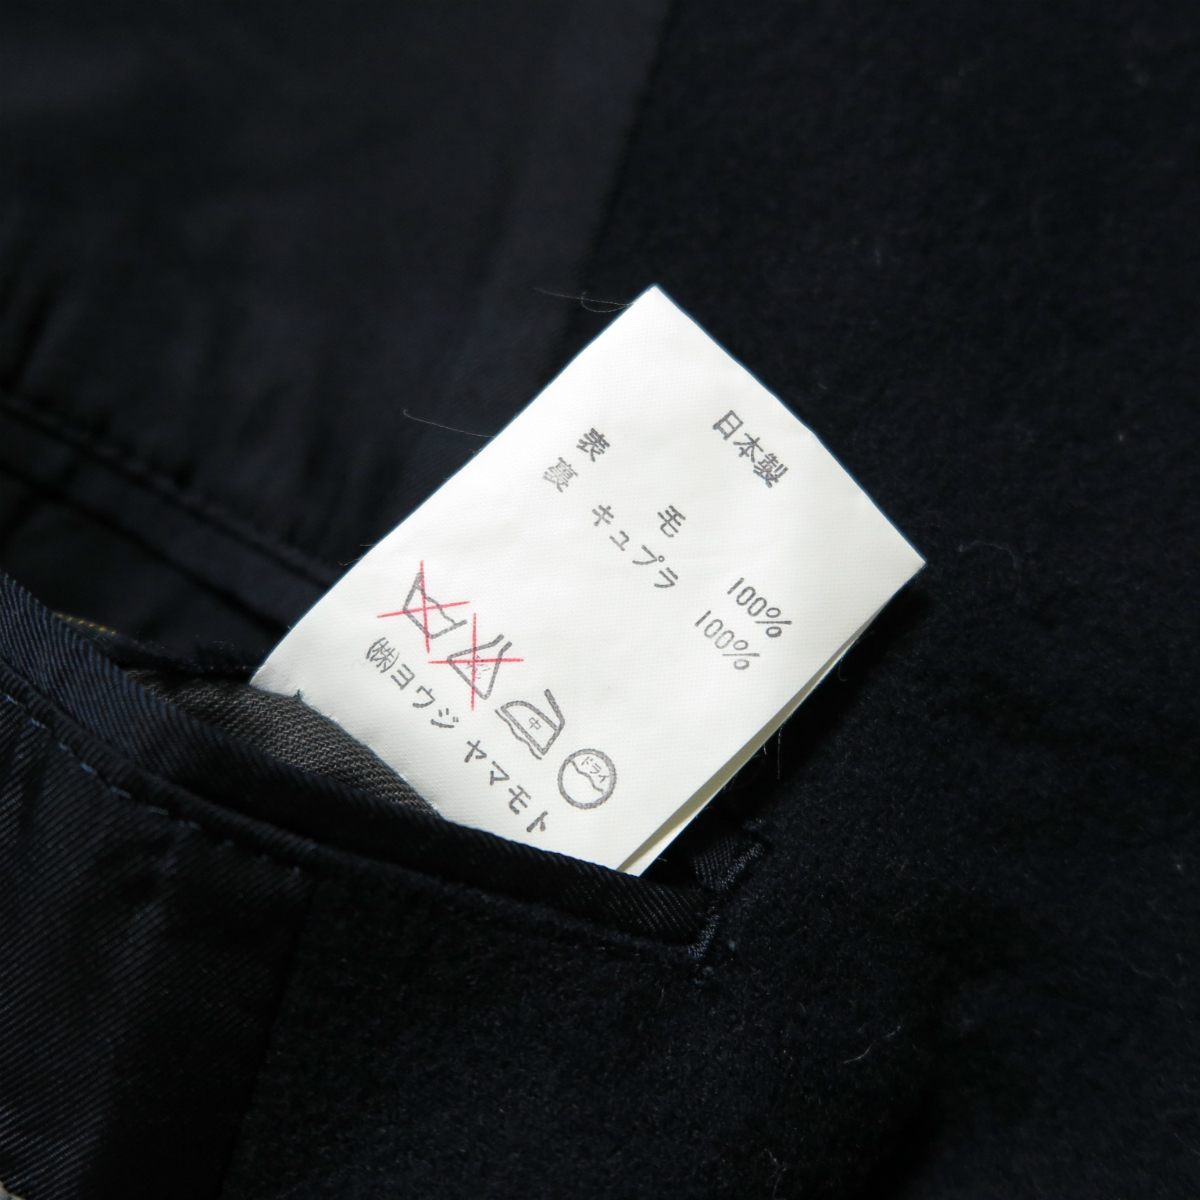 80s Yohji Yamamoto POUR HOMME 1987AW Melton Wool Jacket M ヨウジヤマモト プールオム ジャケット ヴィンテージ アーカイブ 初期_画像5